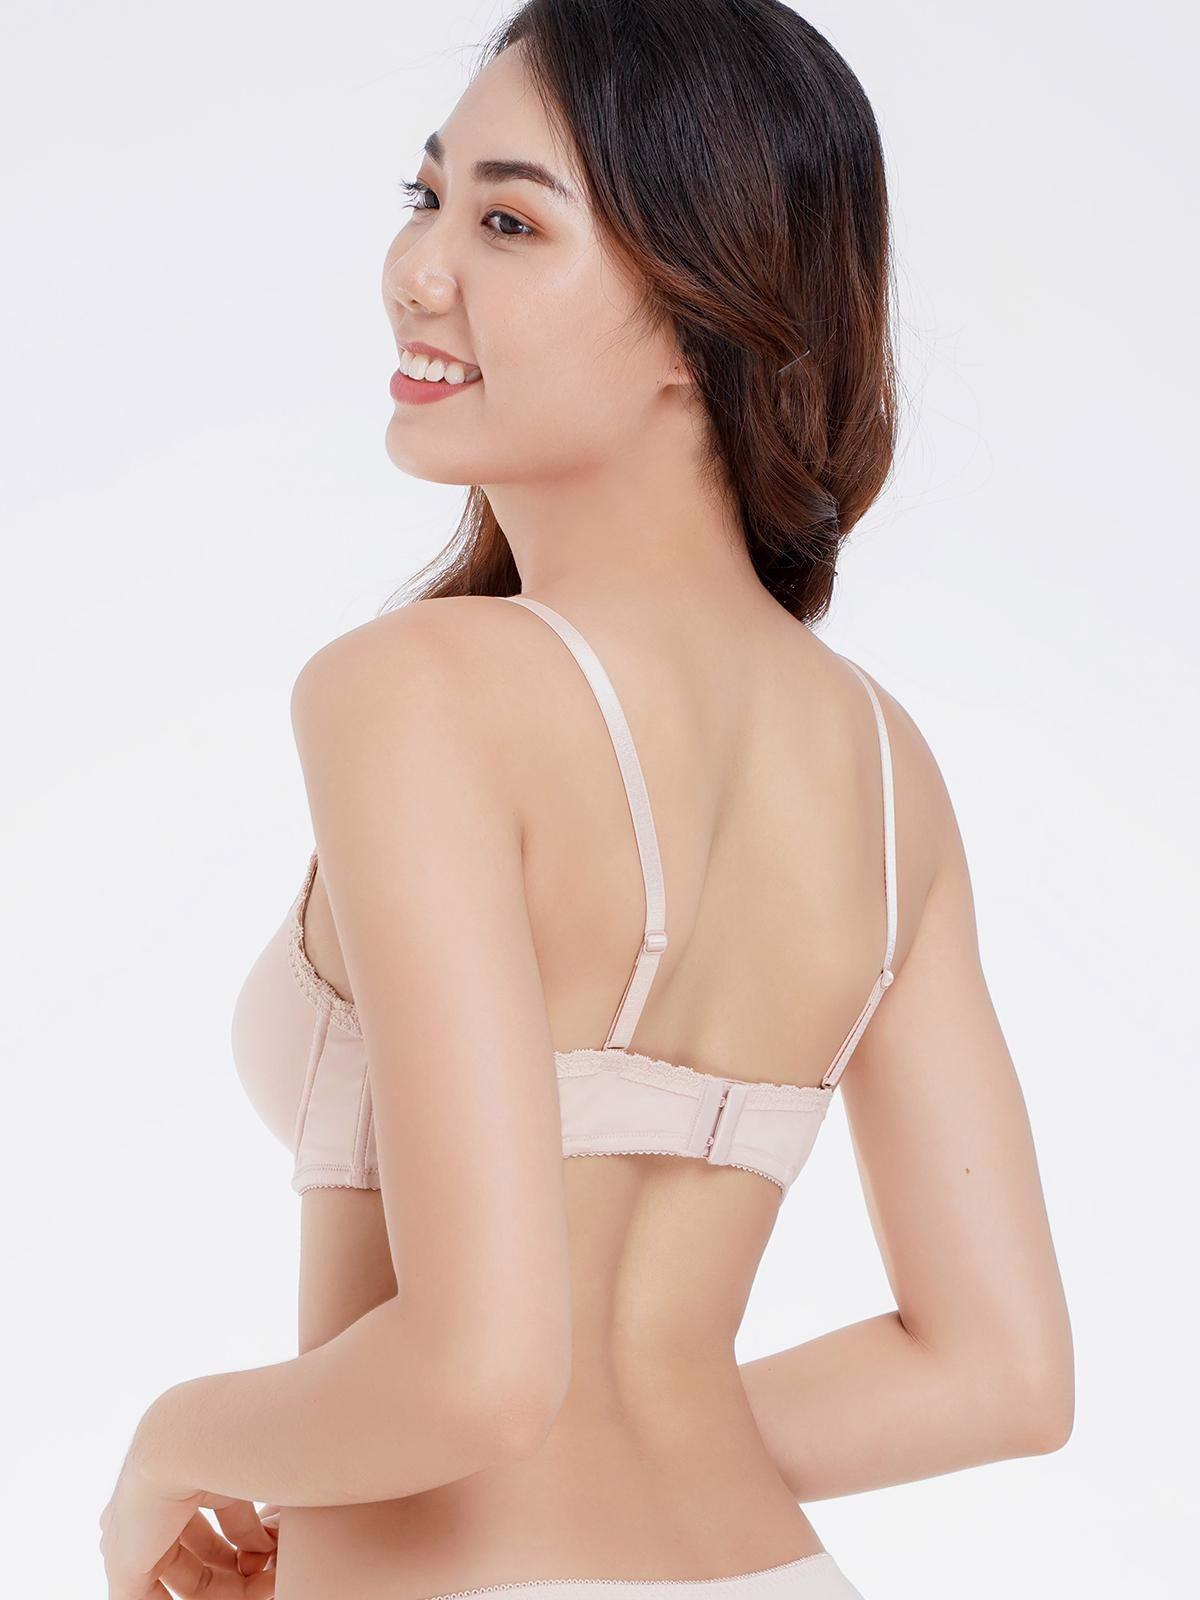 Áo ngực Misaki mút dày cúp trơn viền ren đơn giản nữ tính - 7105